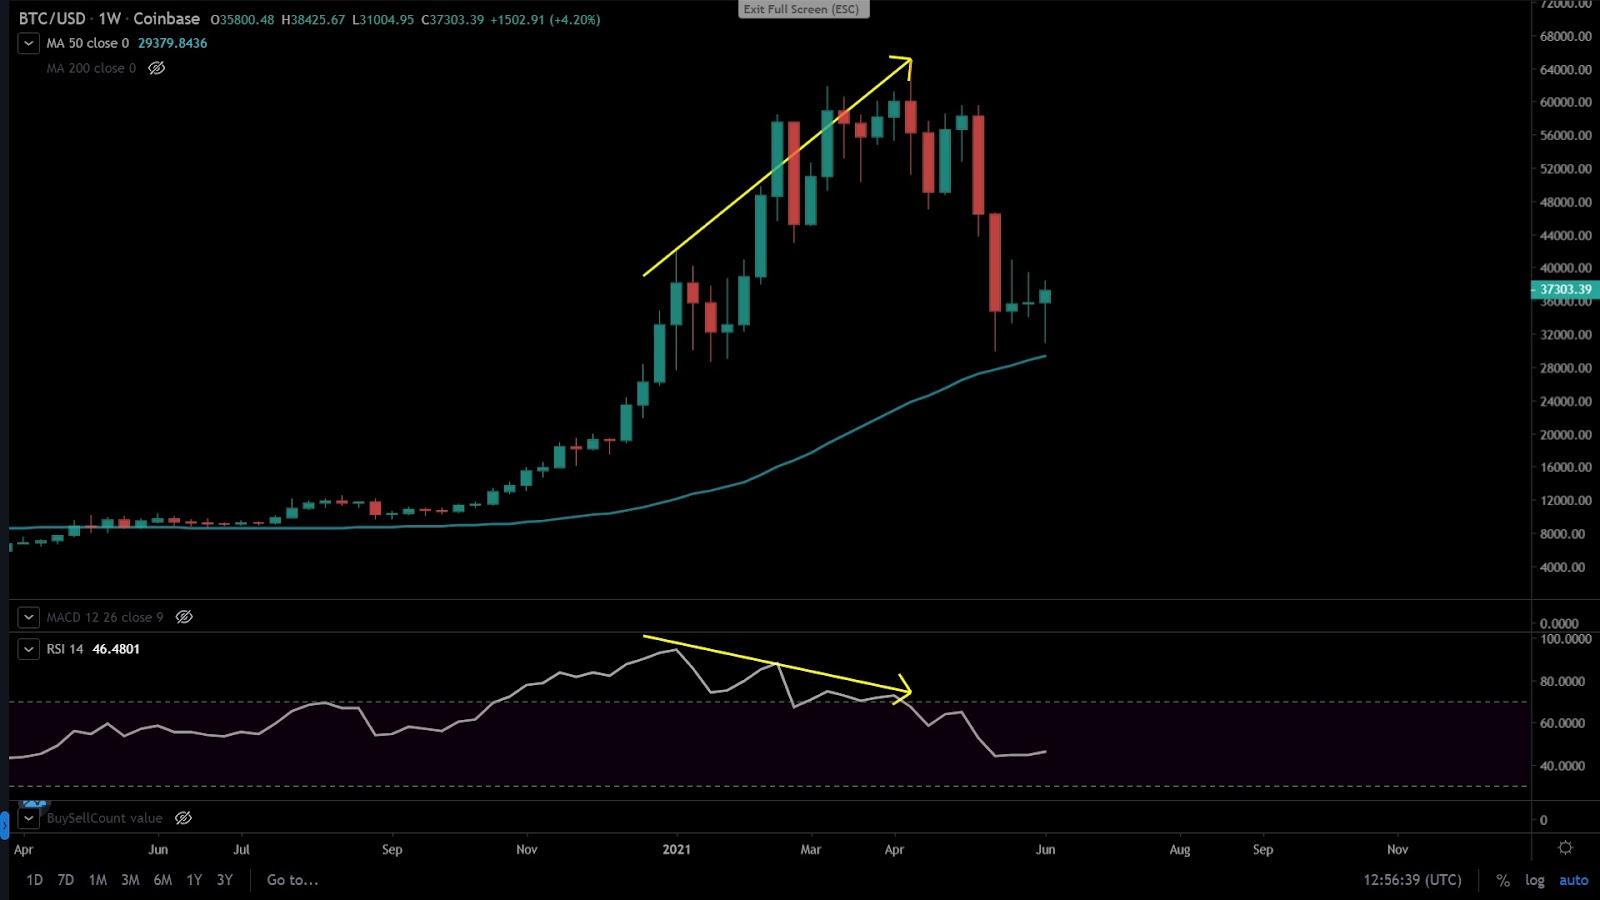 Market Analysis - Bitcoin